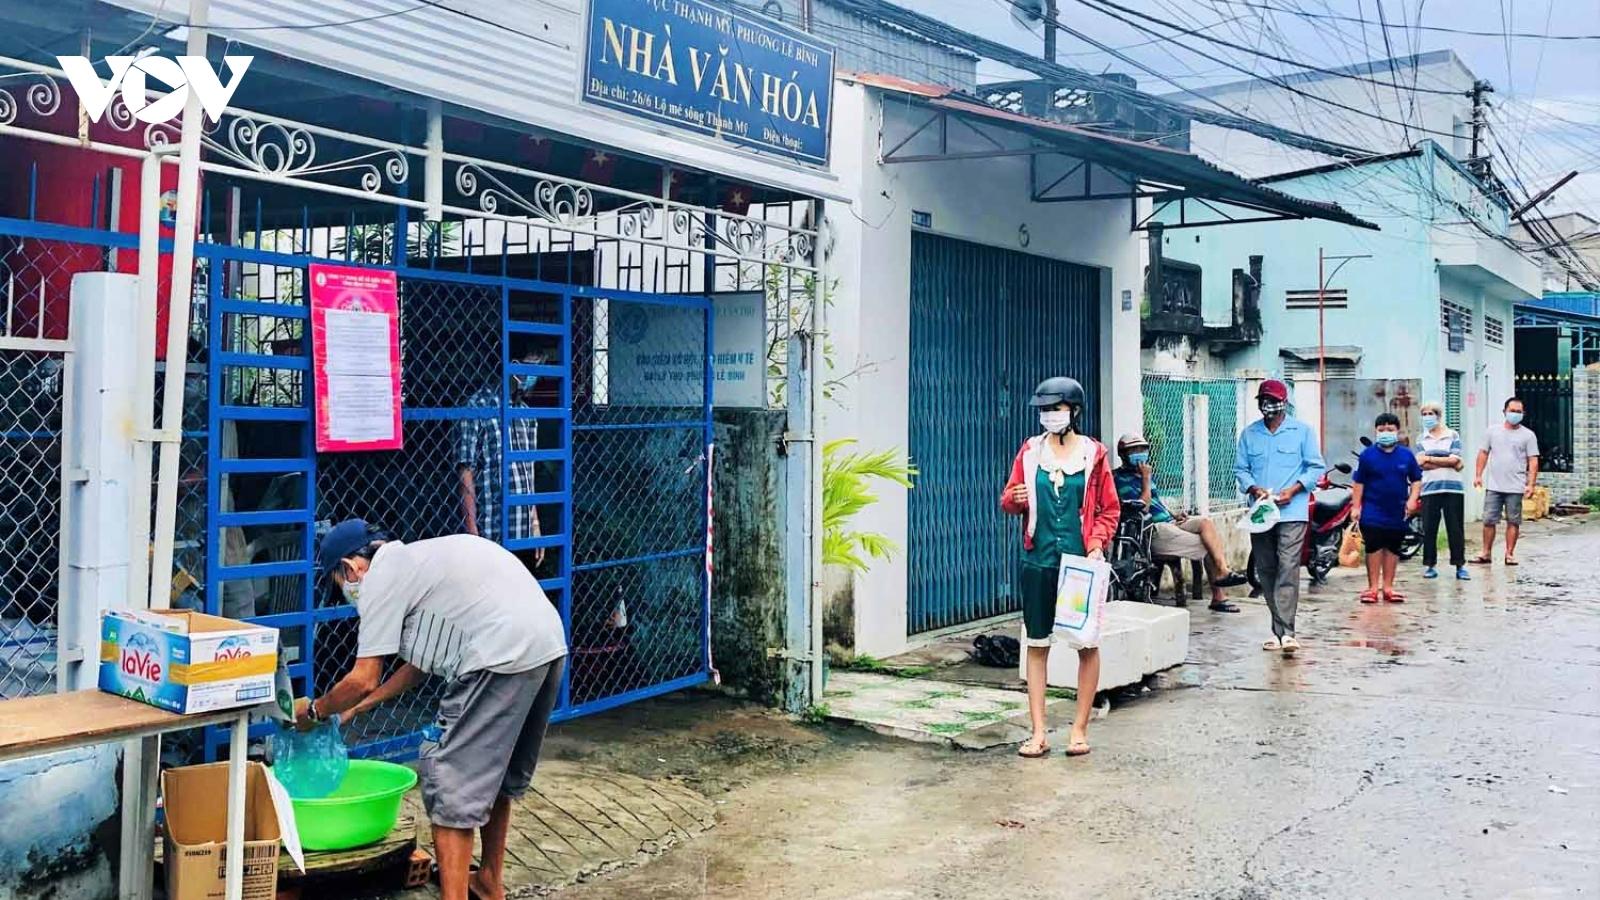 Cây ATM gạo mang niềm vui cho người bán vé số, lao động nghèo Cần Thơ